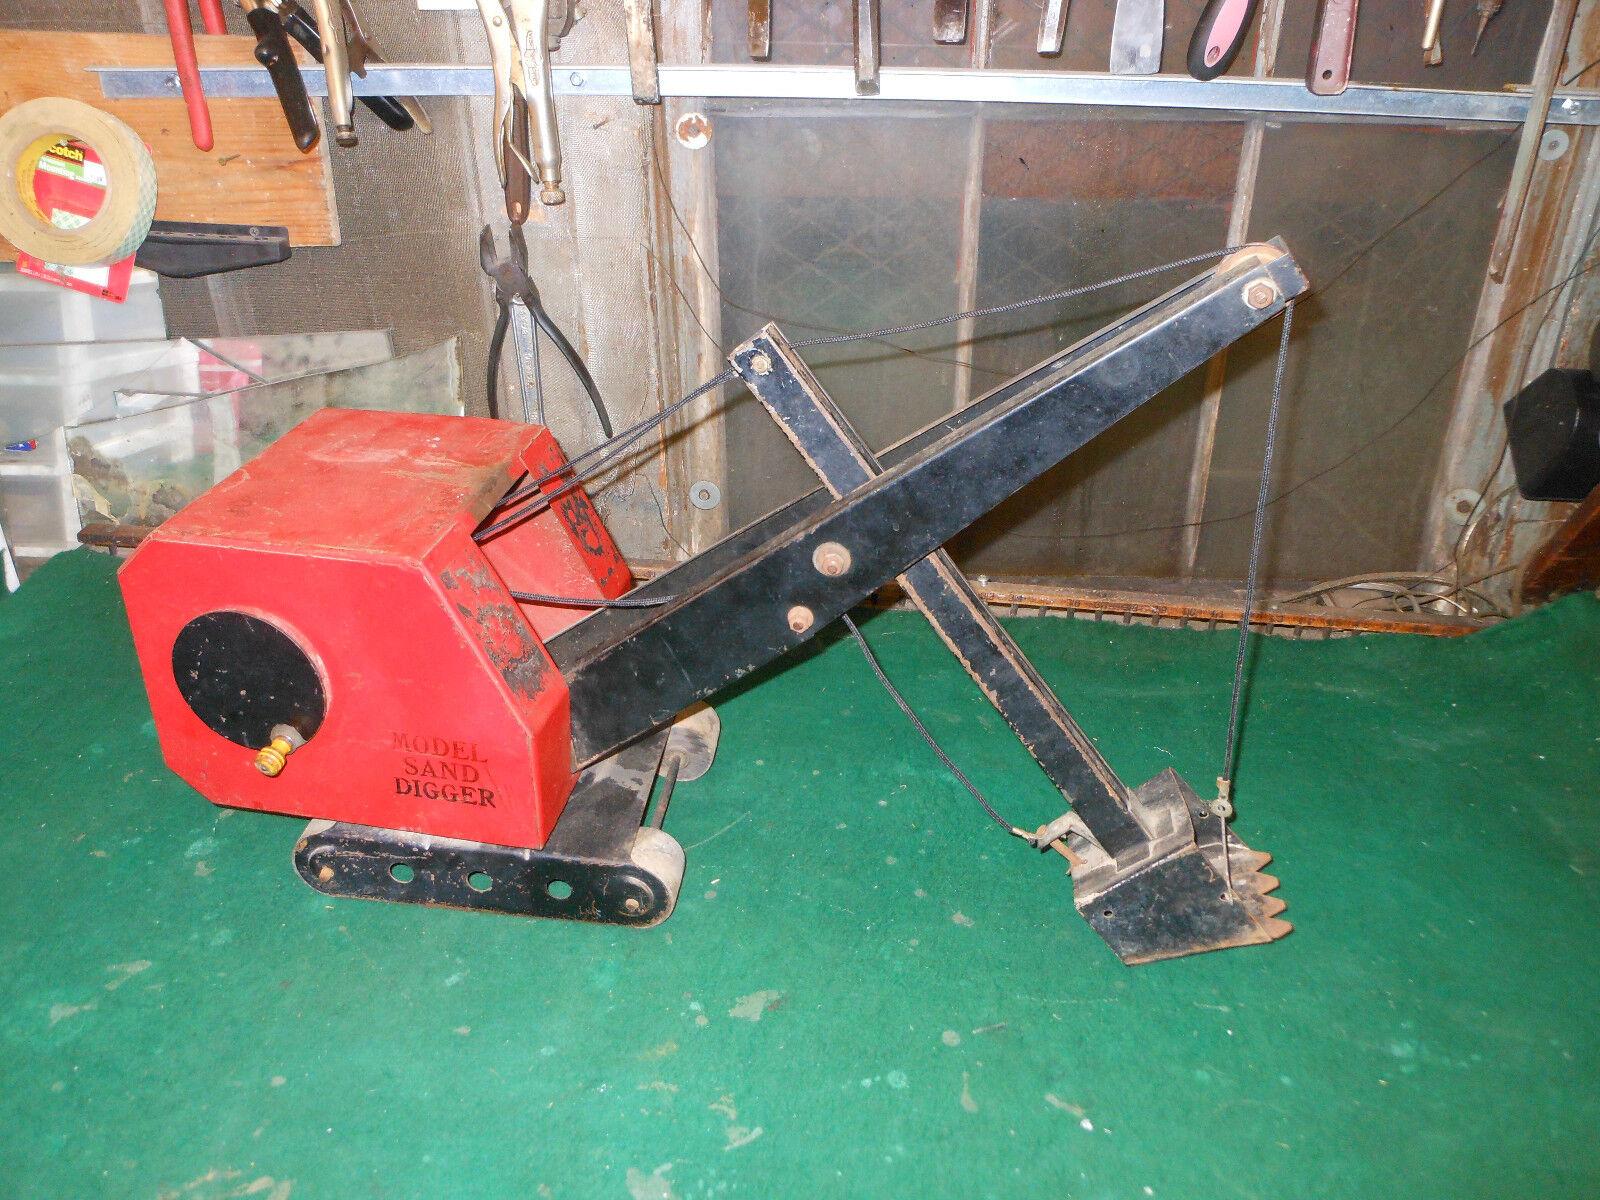 Vintage Antique Crane Huge Huge Huge Model Sand Digger Trencher Steel Sparks Bourne Handy a45e22